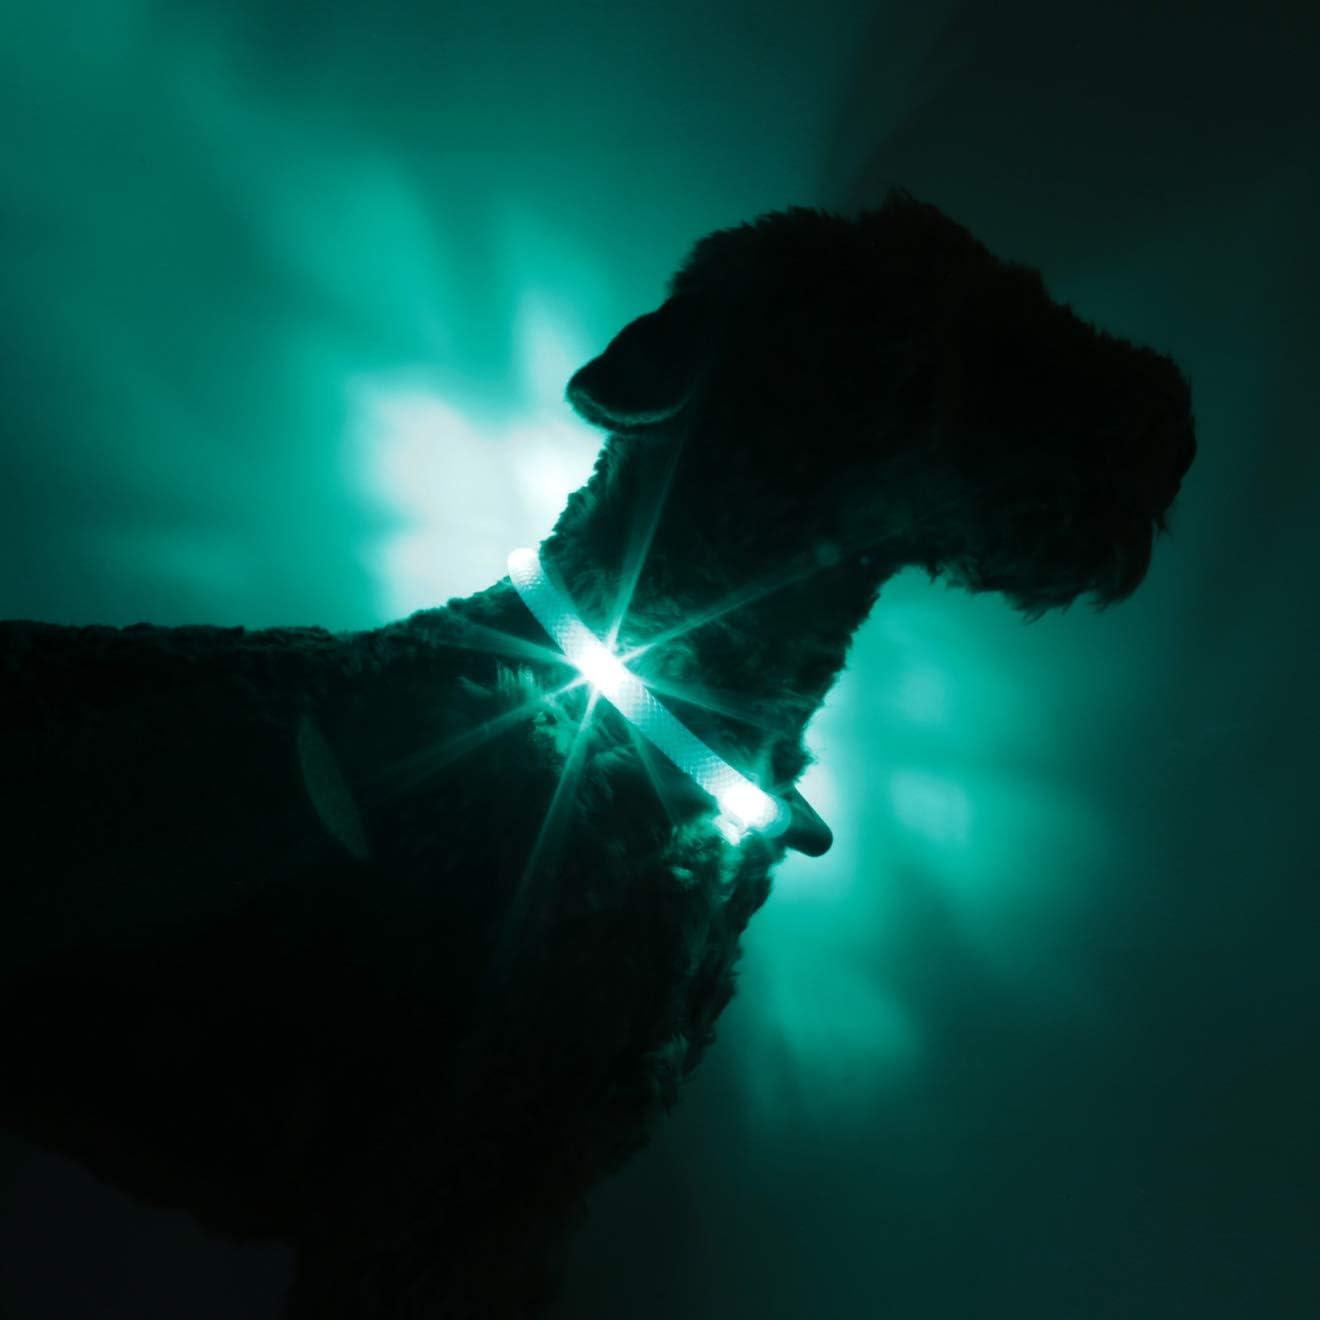 Leuchtie Leuchthalsband Plus Türkis Größe 42 5 I Led Halsband Für Hunde I 100 H Leuchtdauer I Wasserdicht I Enorm Hell Haustier